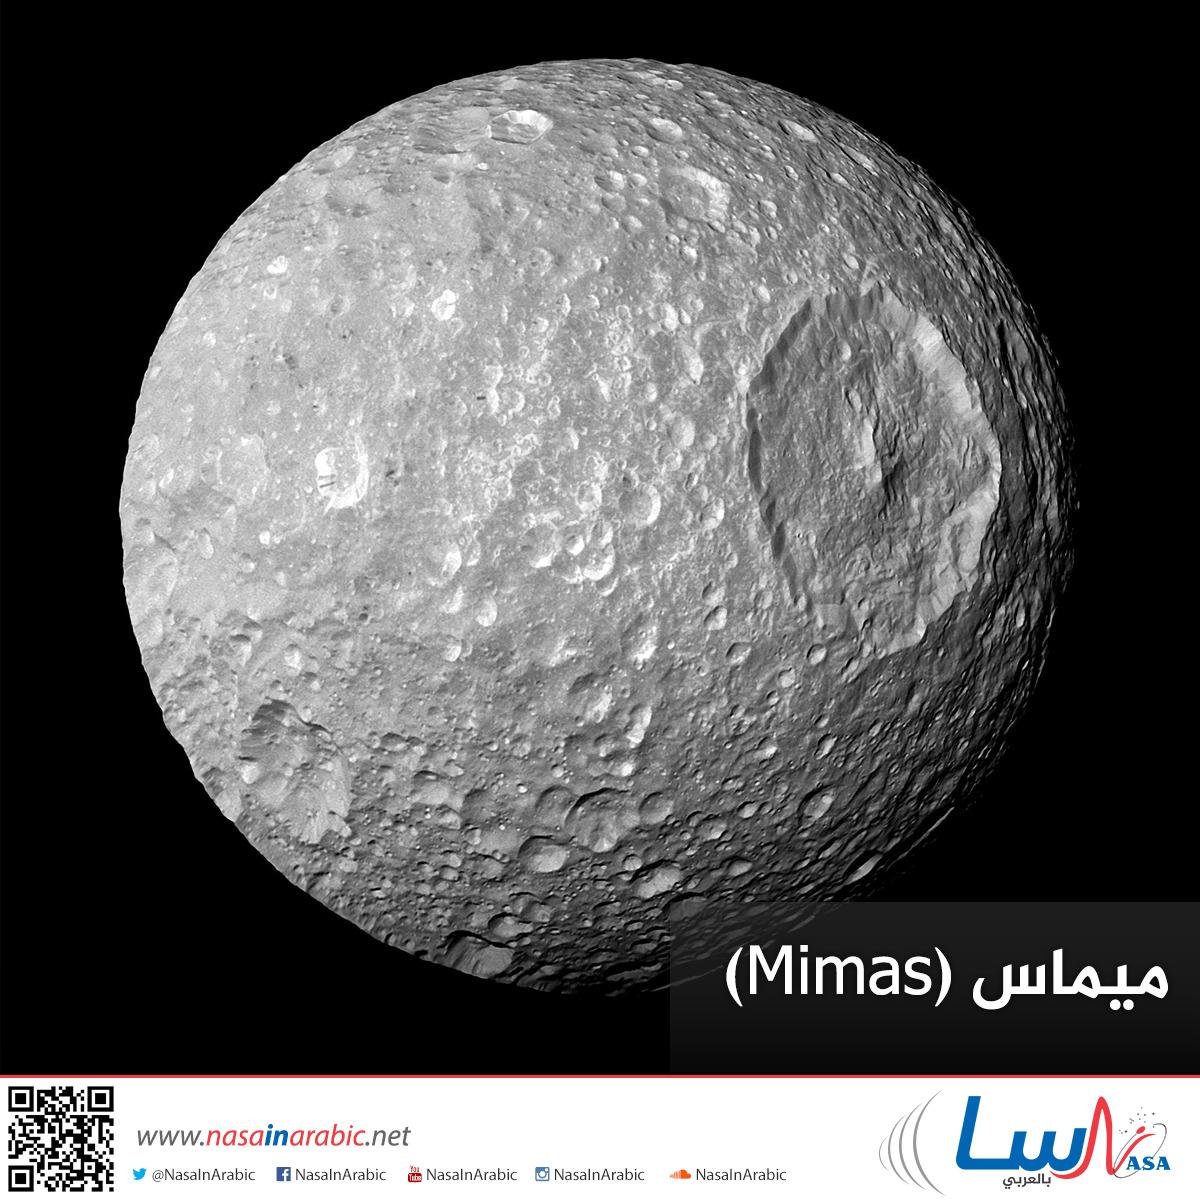 ميماس (Mimas)